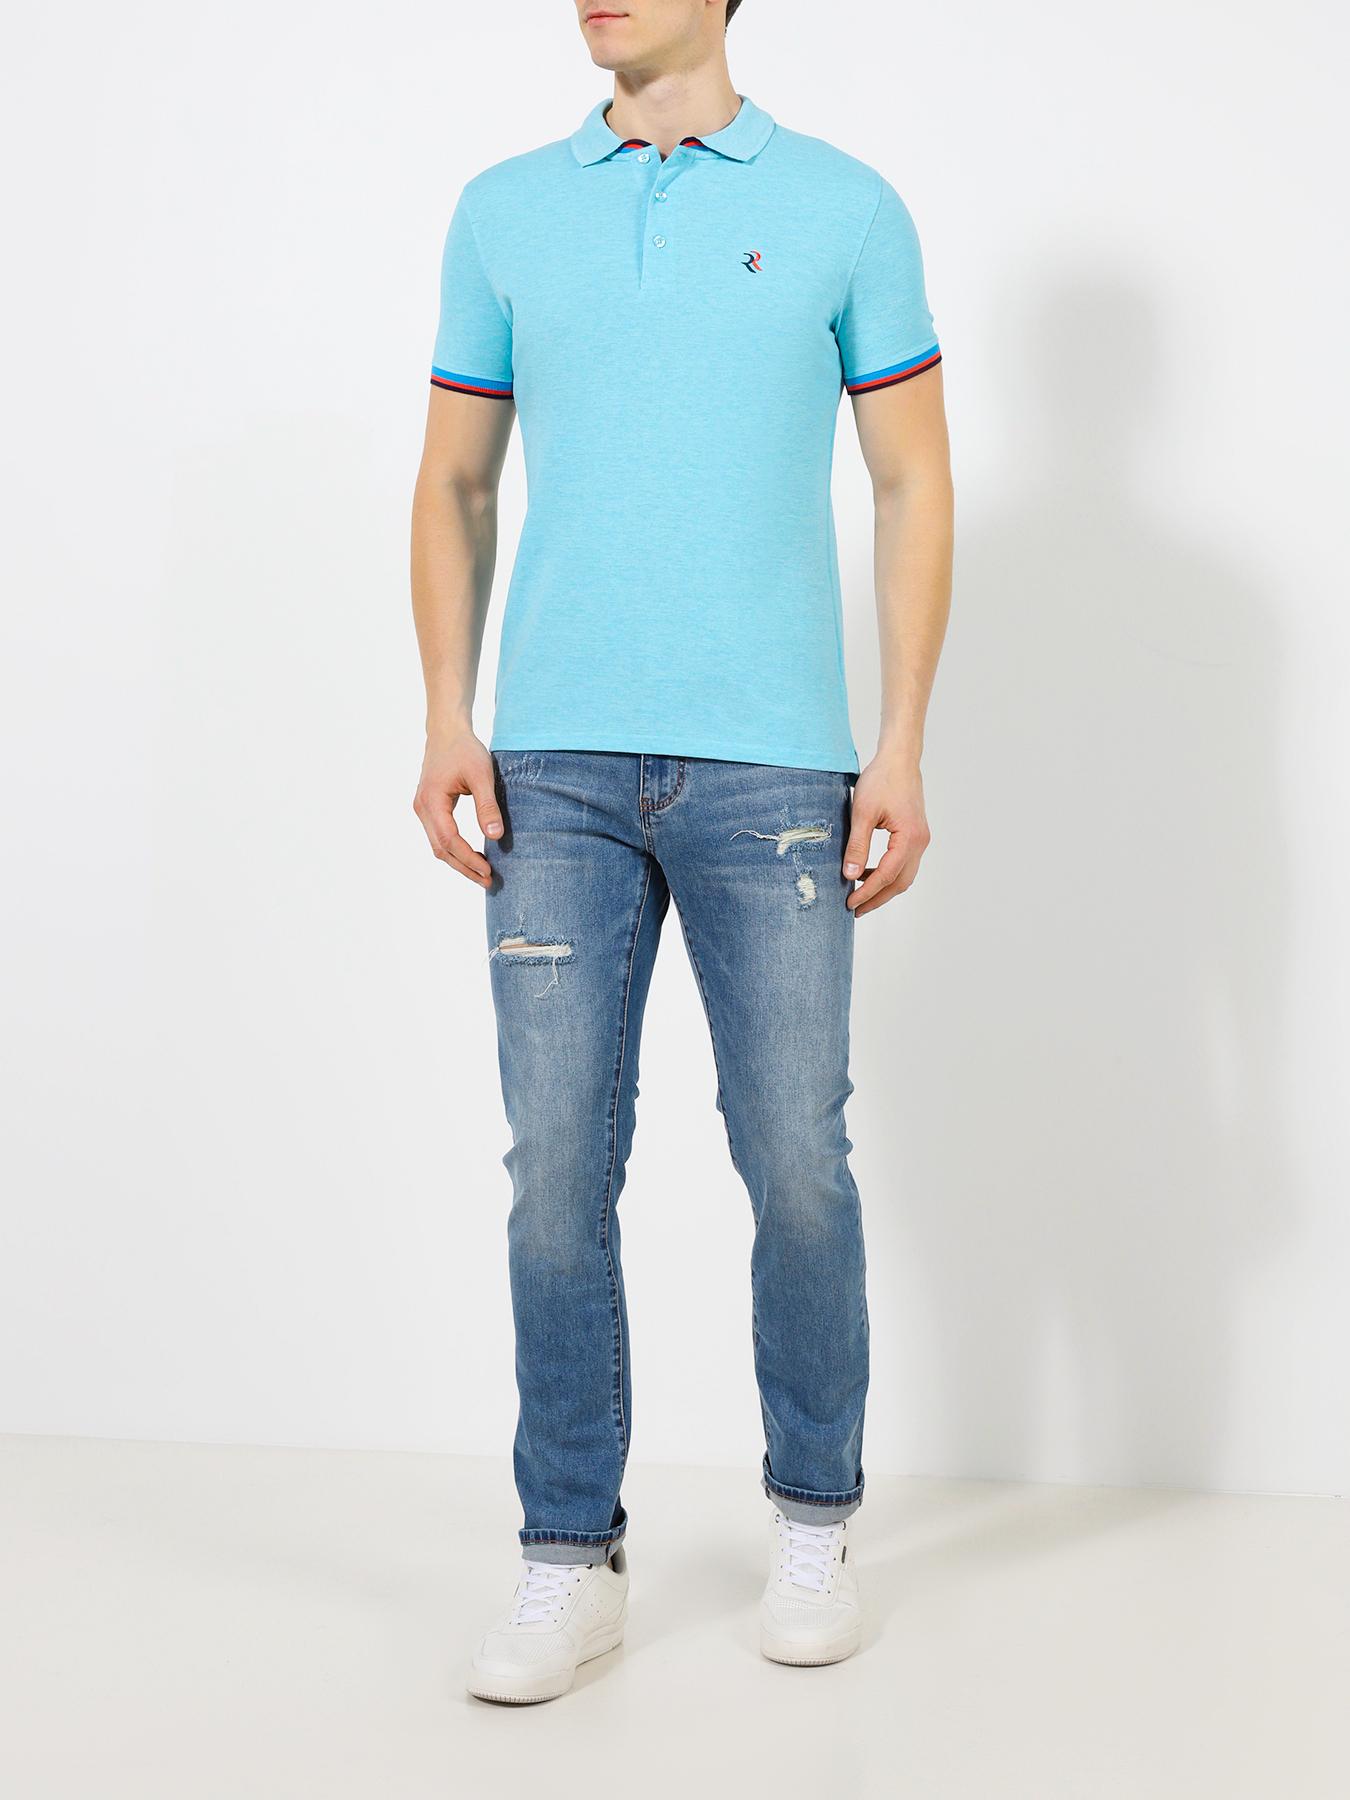 Брюки Korpo Two Зауженные джинсы